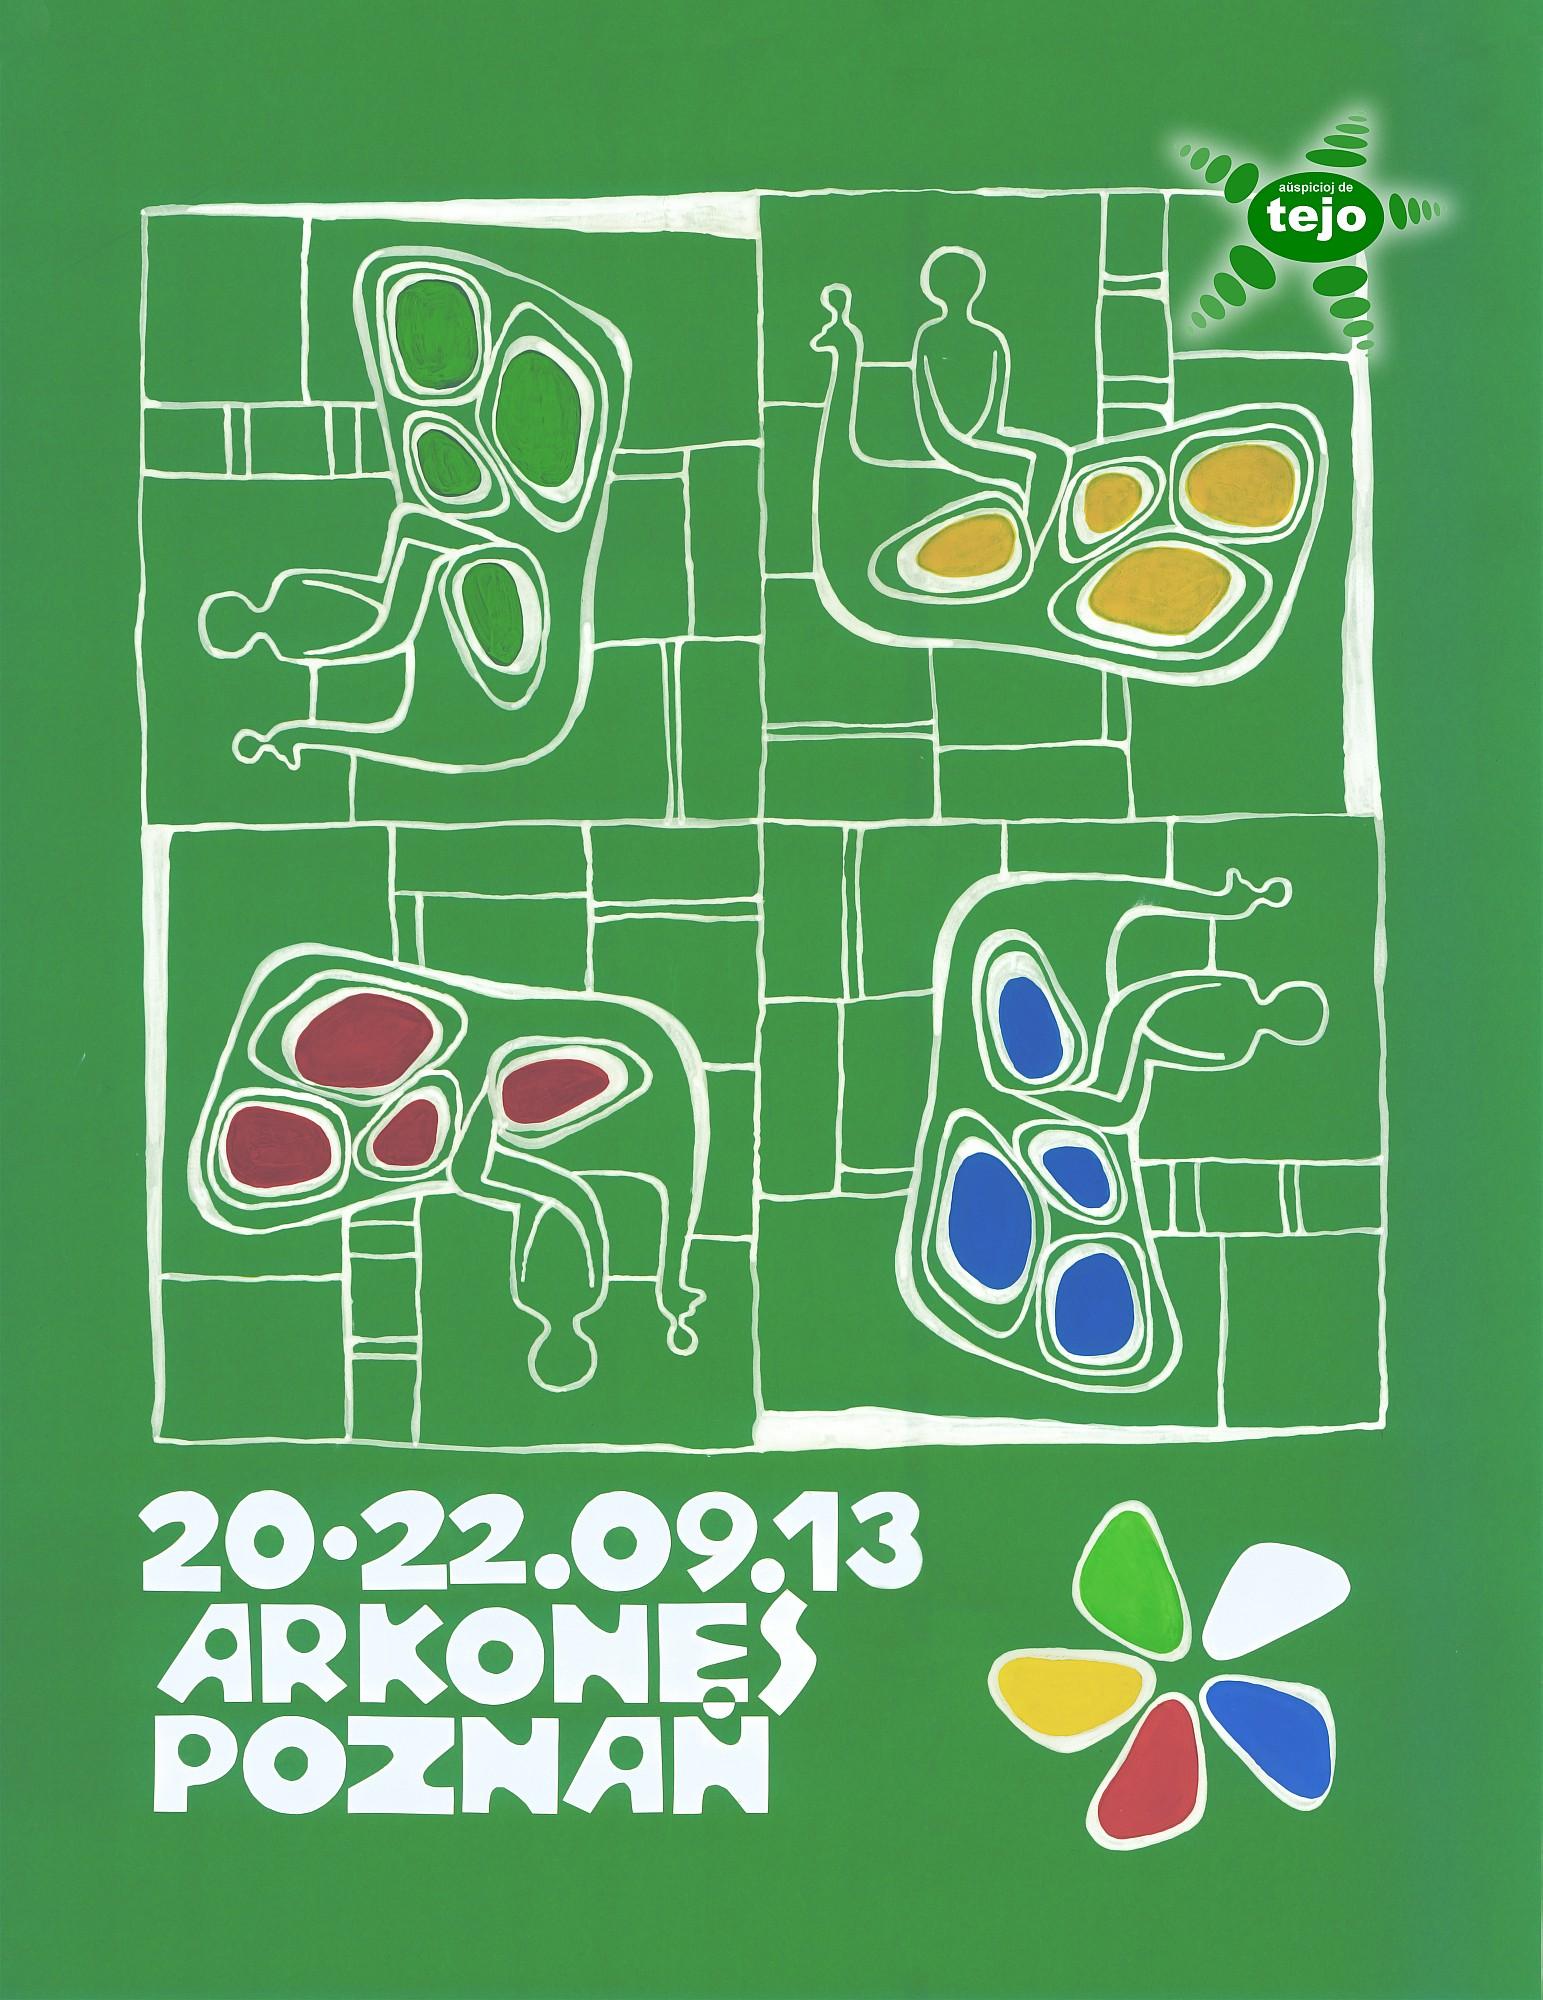 Arkones 2013